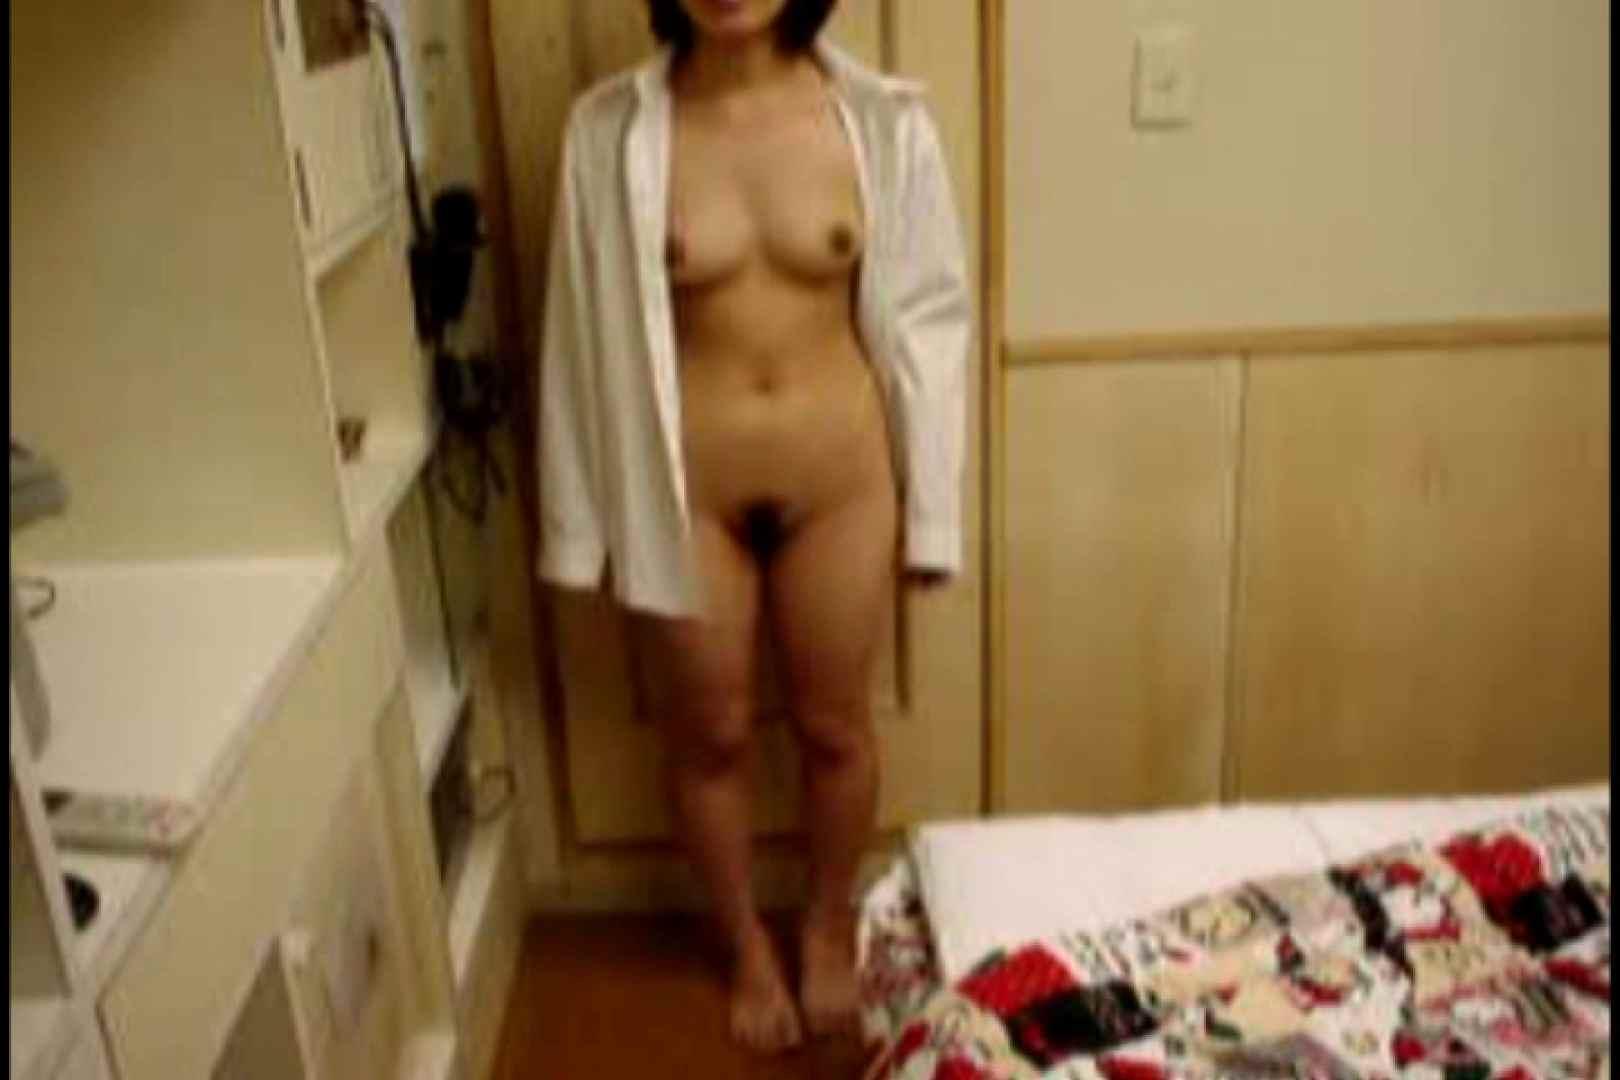 ウイルス流出 九州工学部女子大生藤野瑠美 女子大生の裸体 | 流出作品  76画像 52